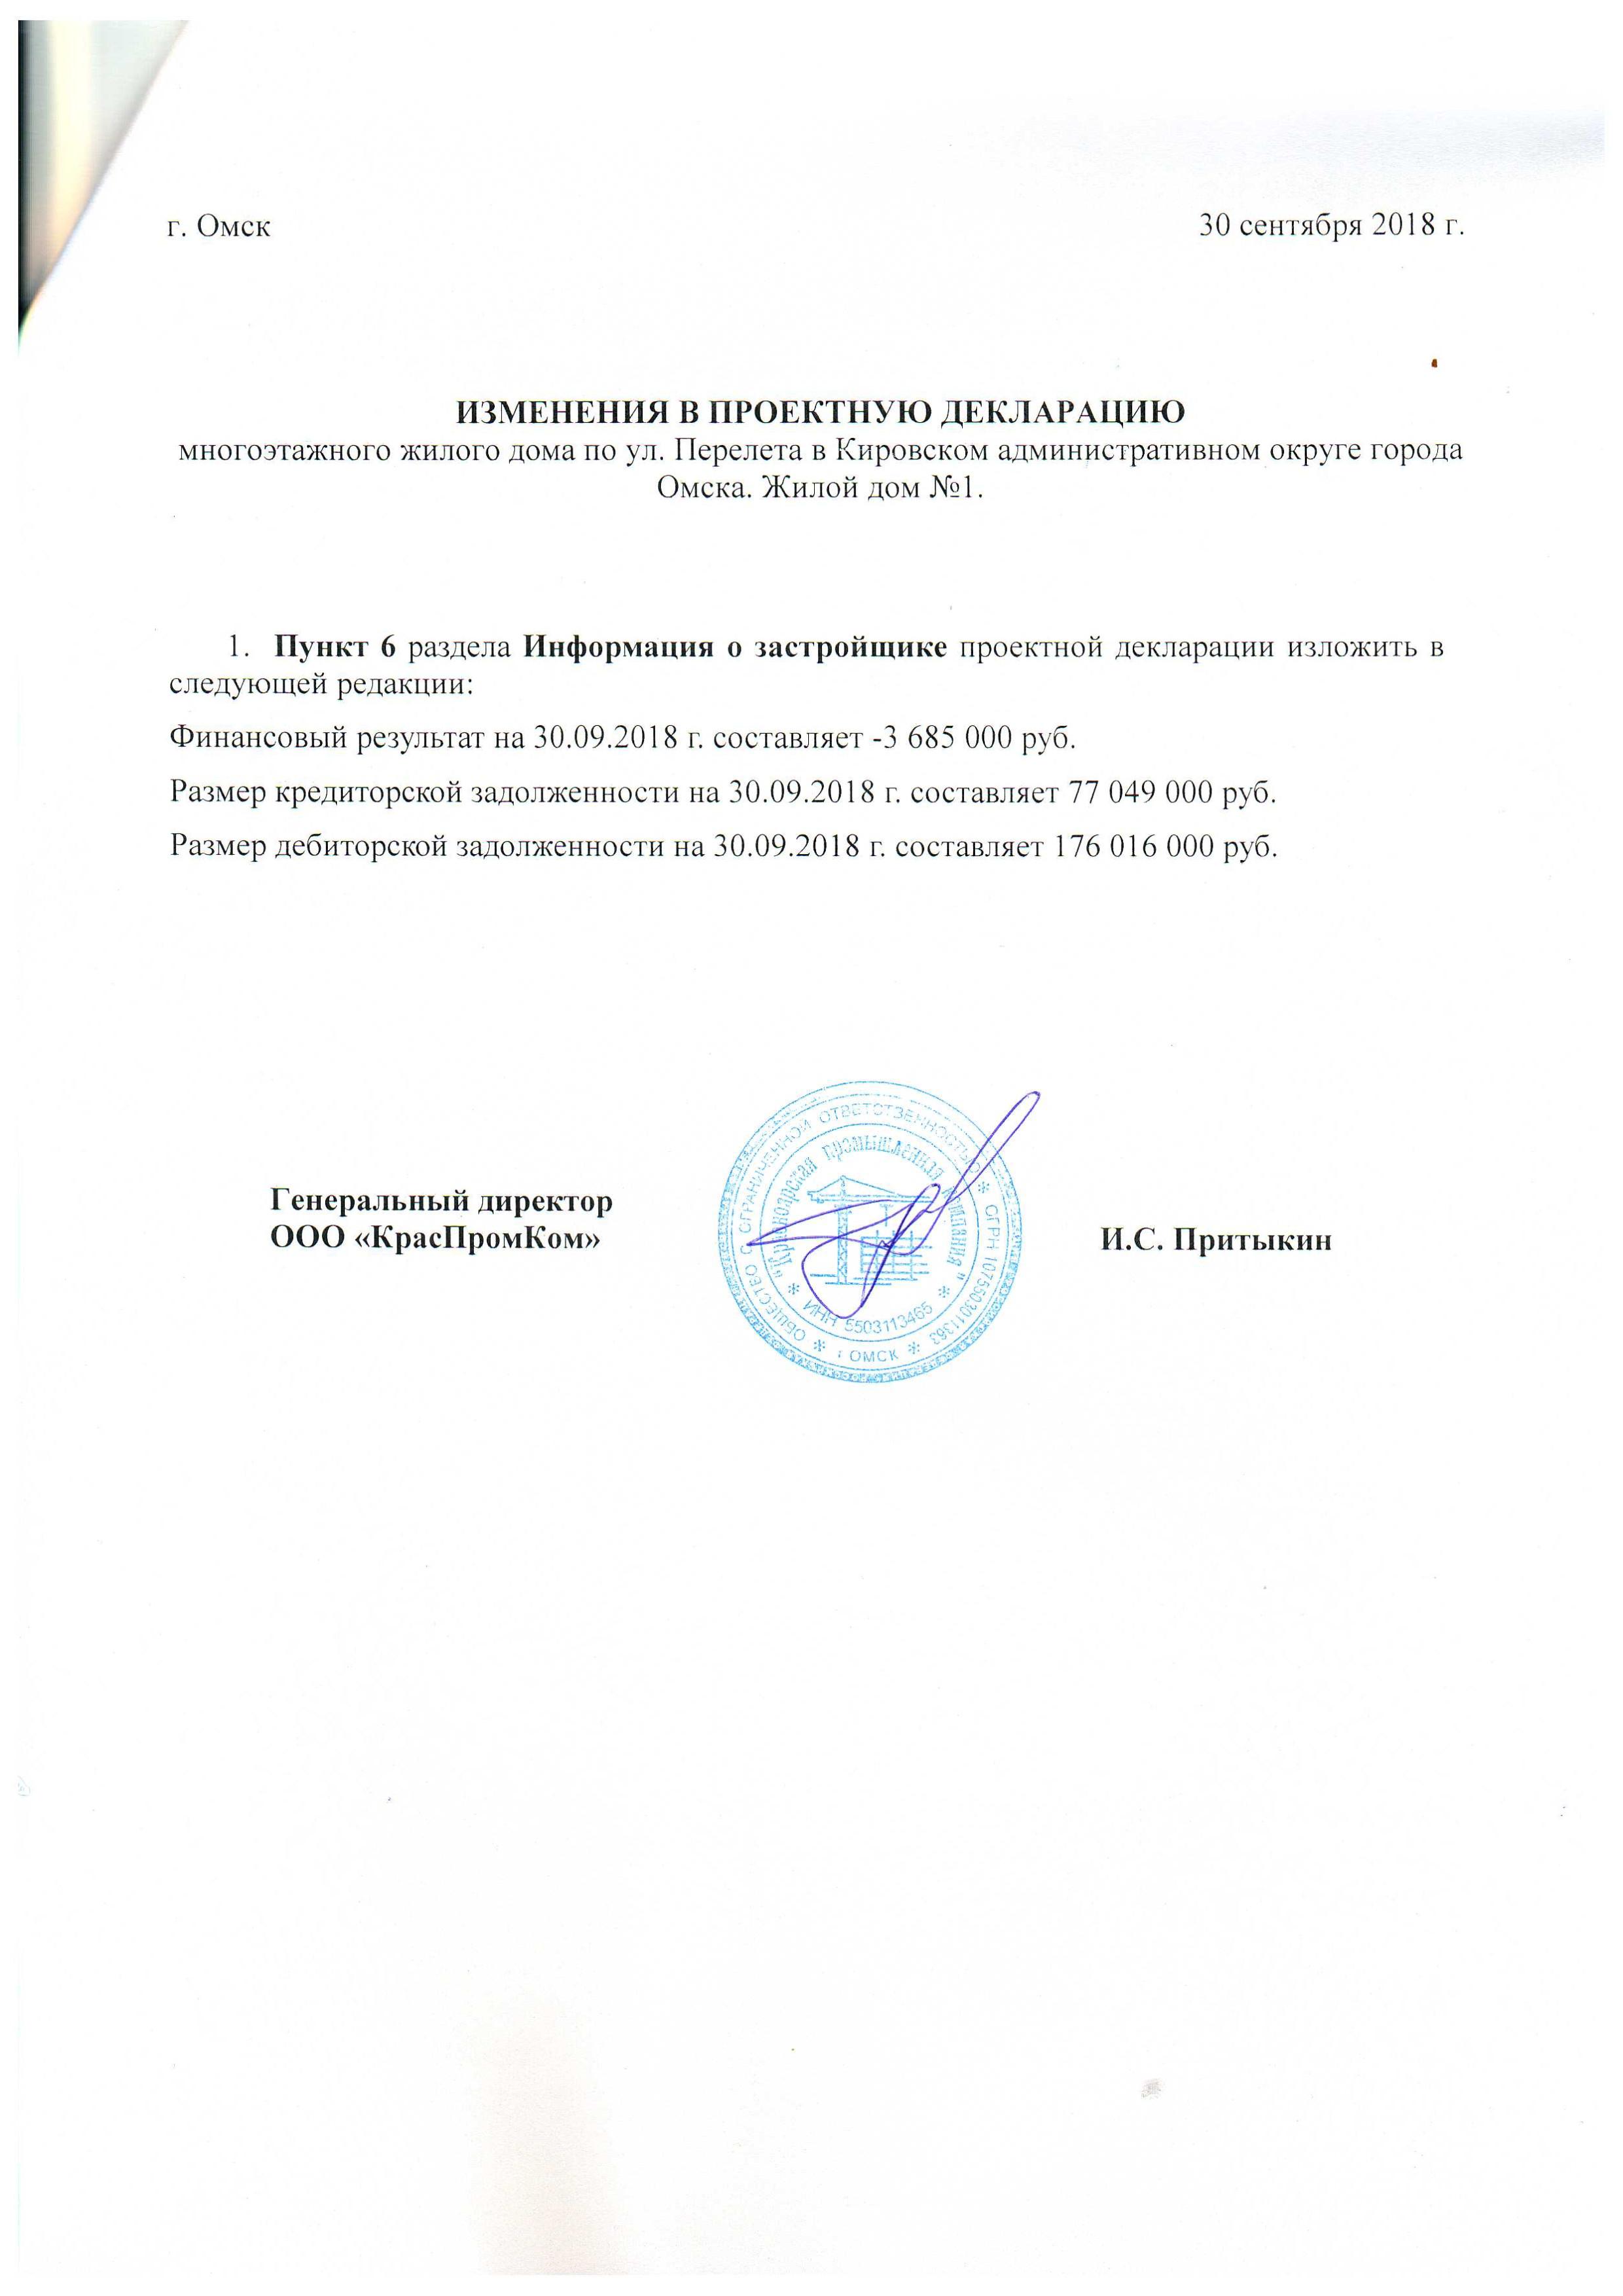 Изменения в проектную декларацию 3 кварт